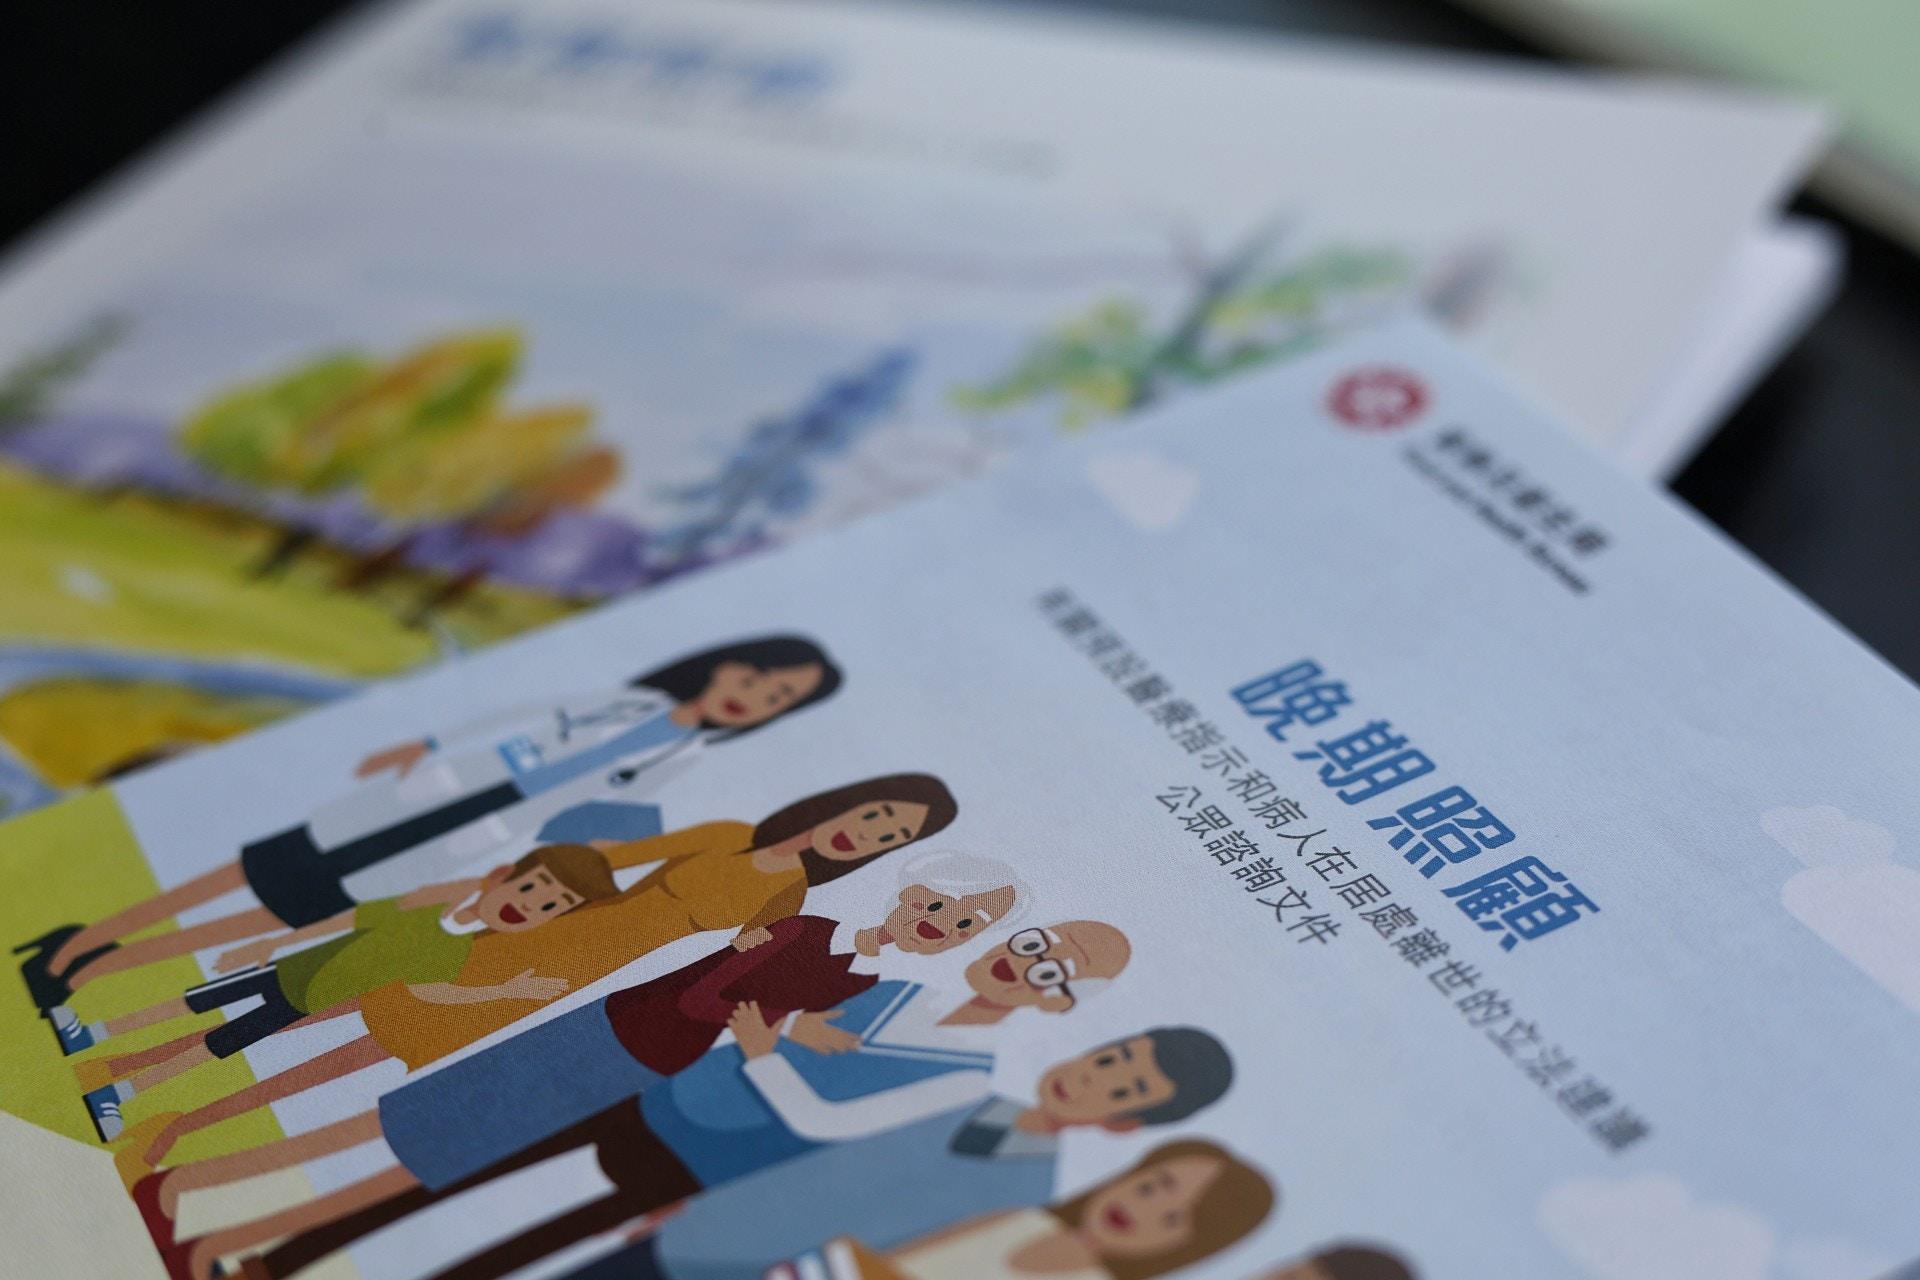 政府推預設醫療指示立法 怎做才有效? 病人如何改變決定?|香港01|社會新聞